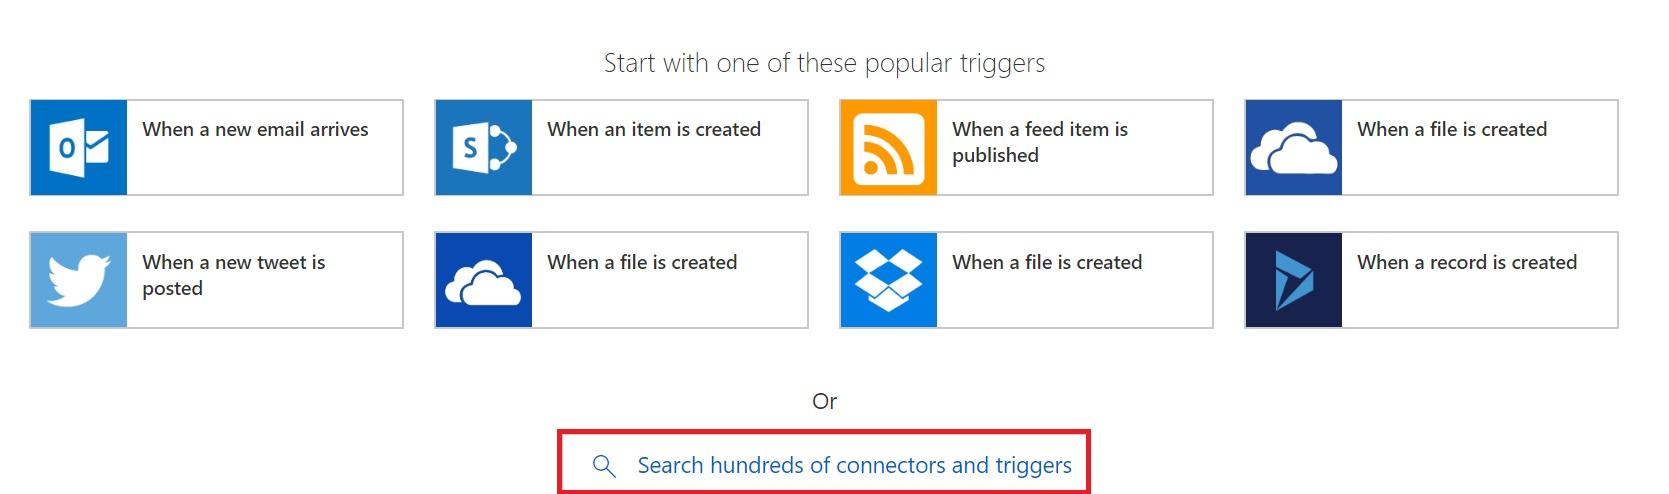 Search Trigger